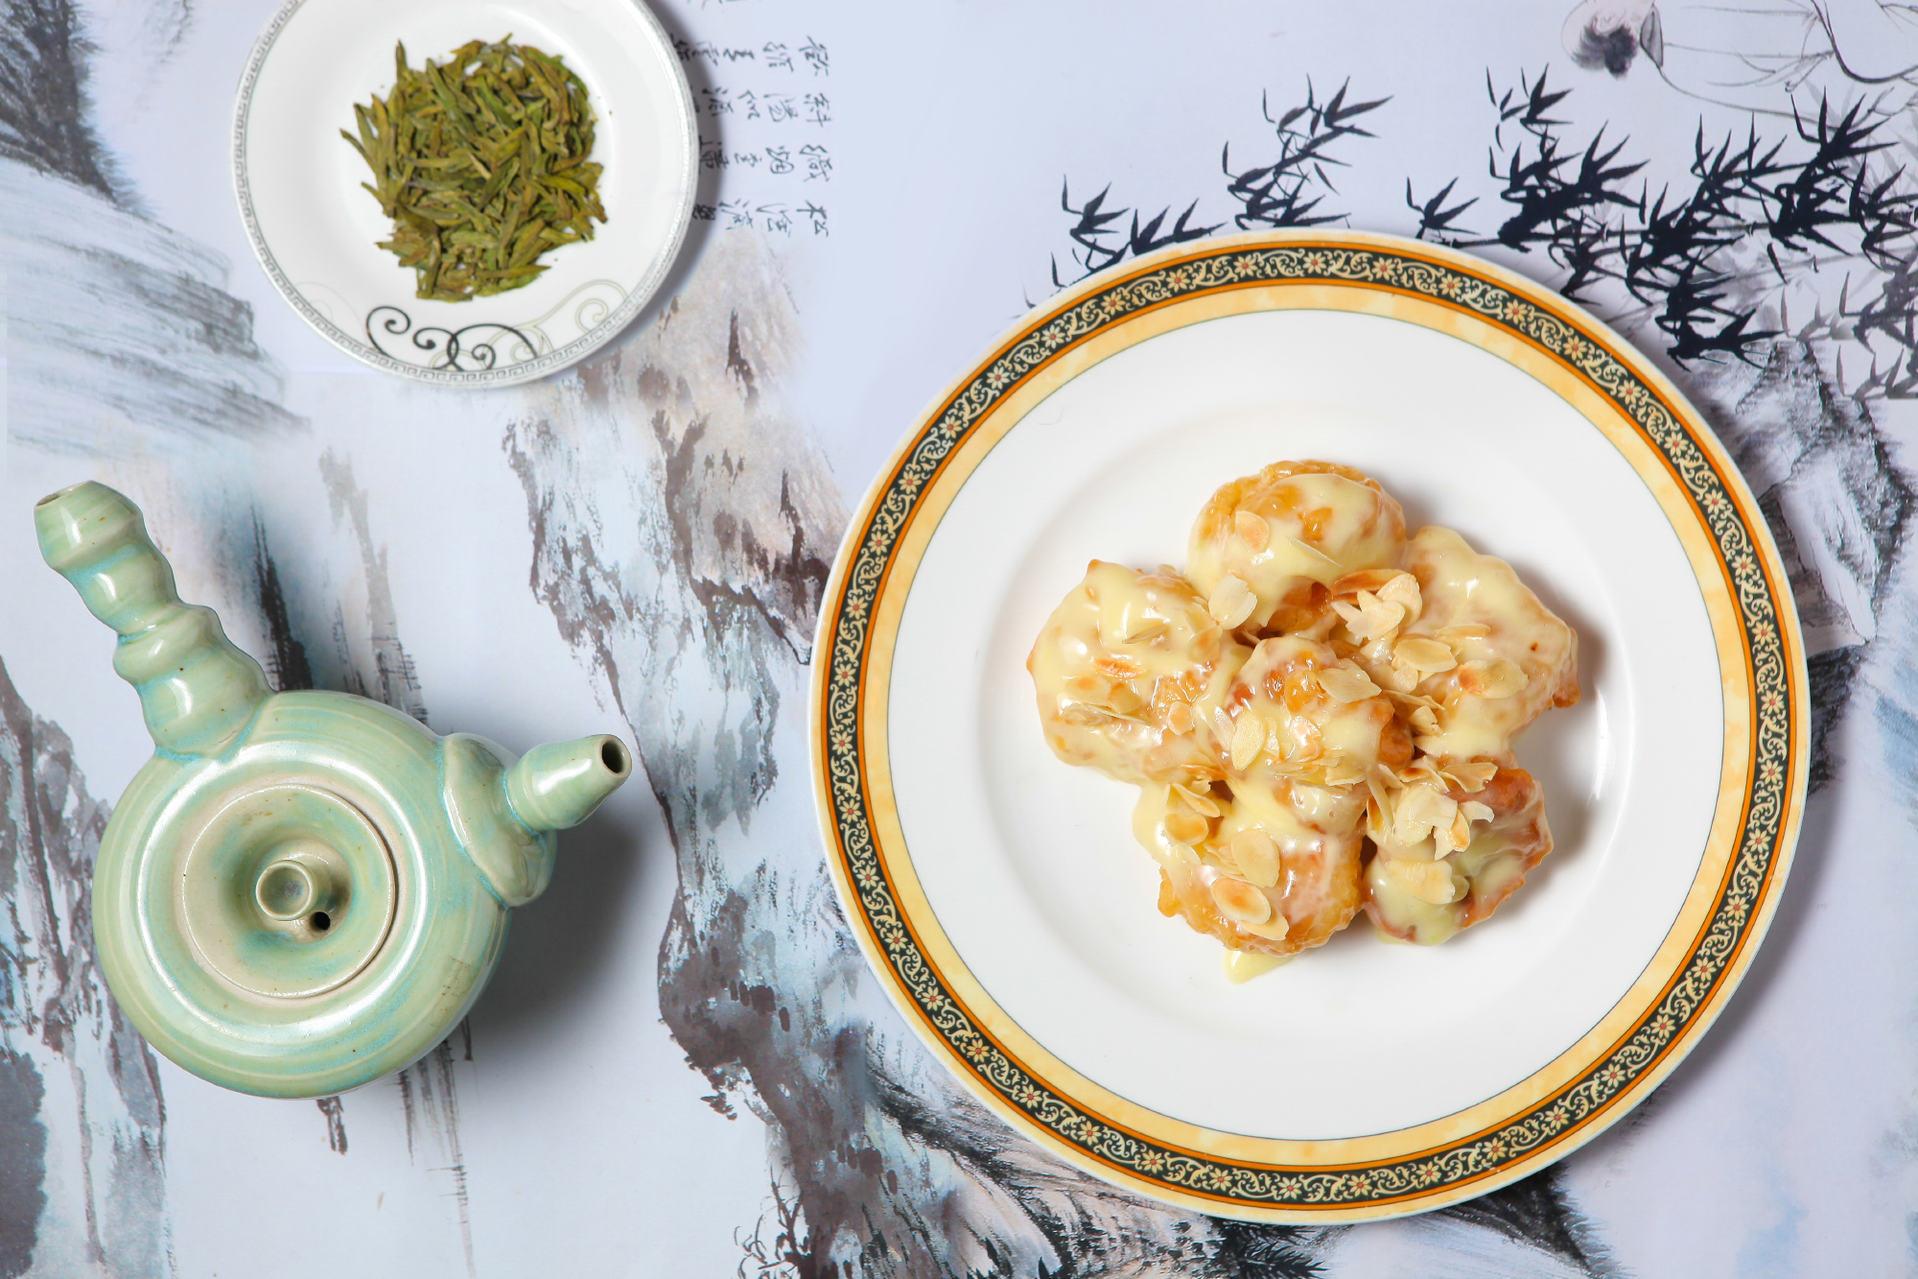 上海浦东香格里拉——绿茶芥末虾球.jpg